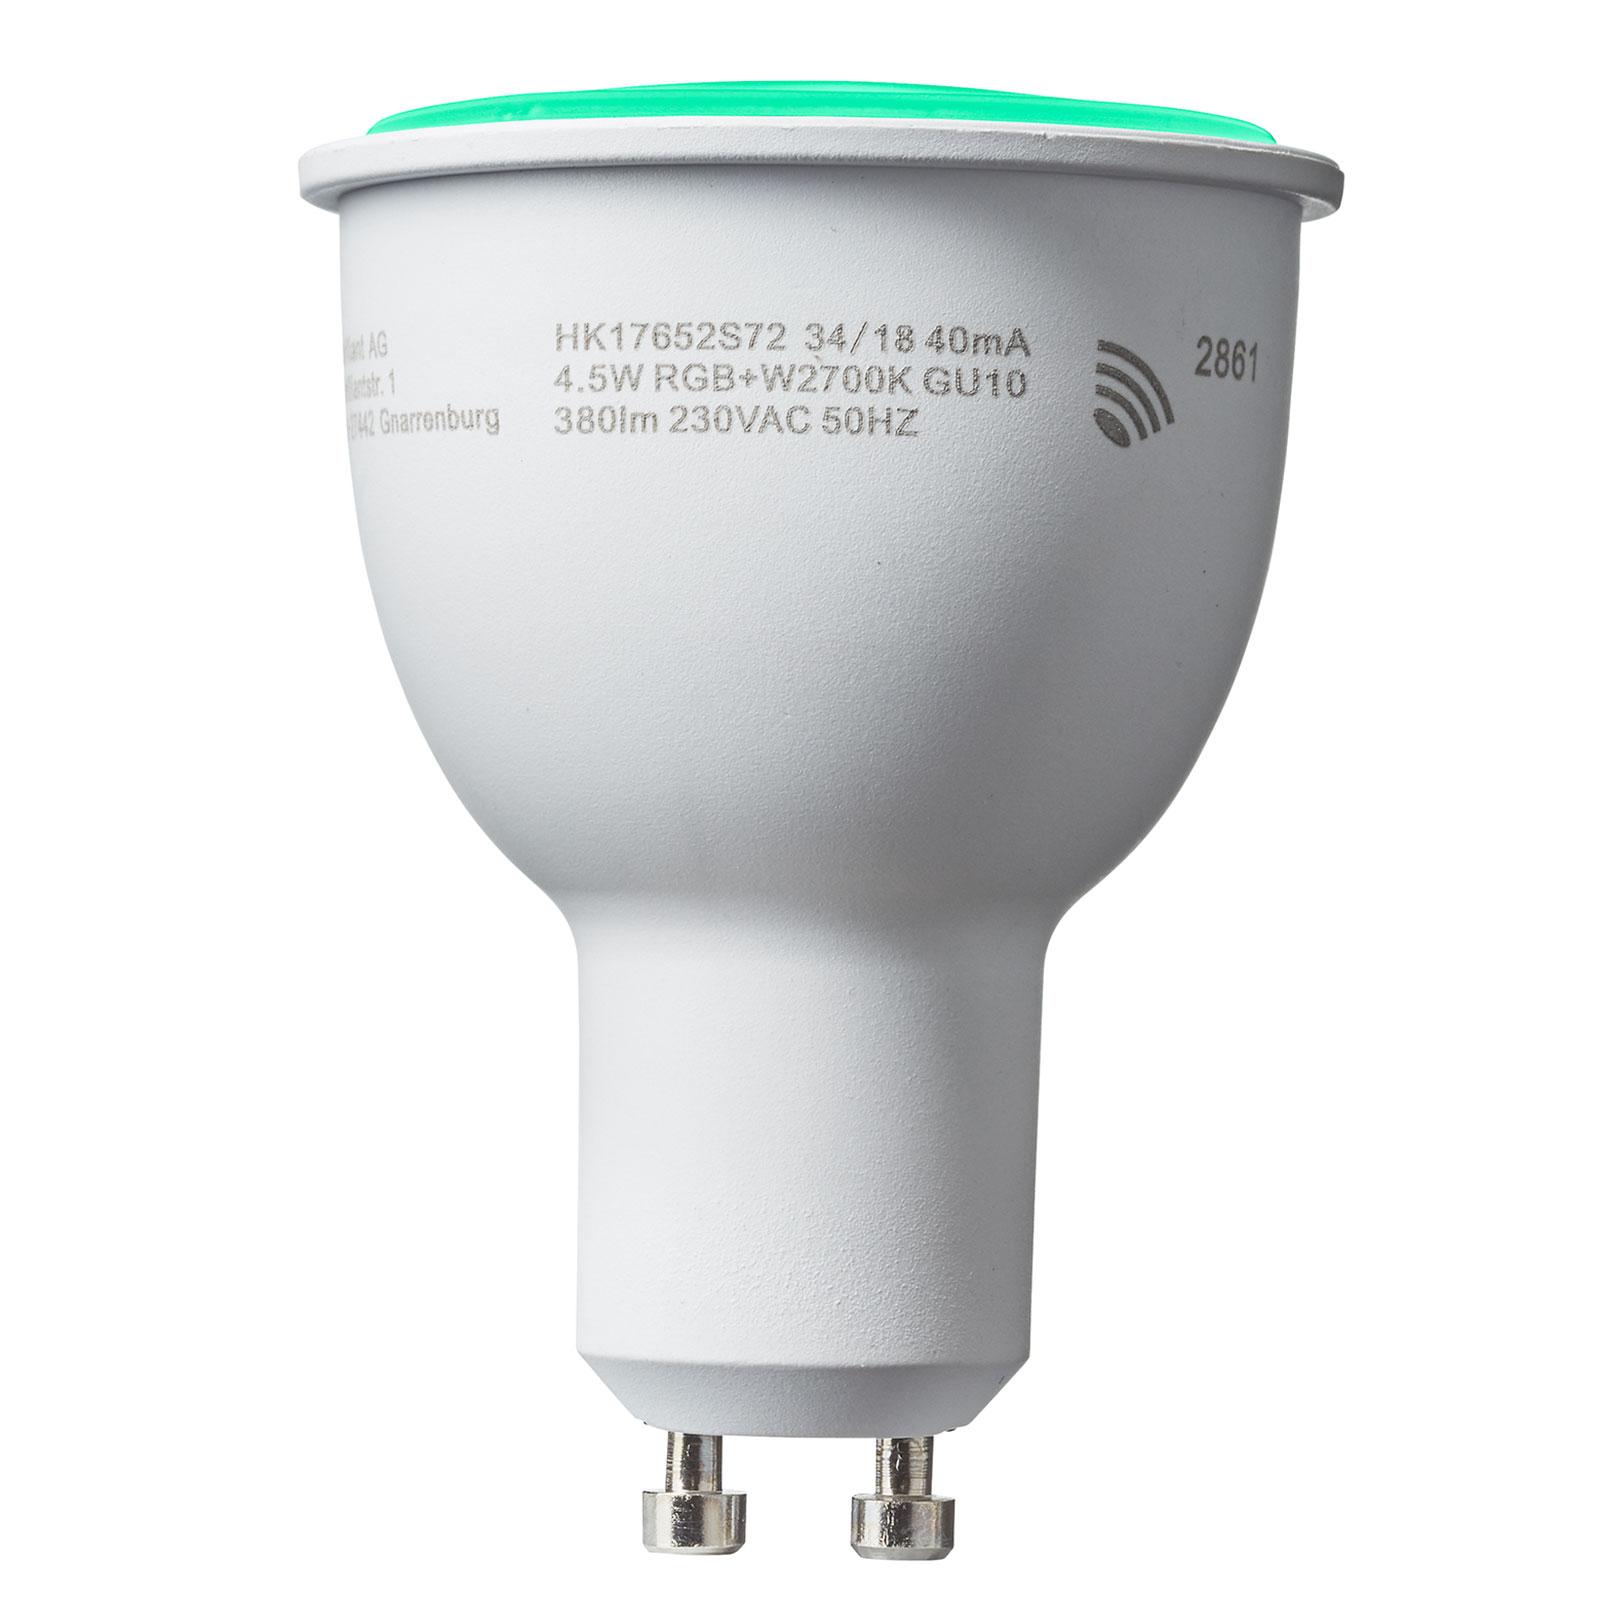 LED-Reflektor GU10 4,5W Smart-Tuya RGBW